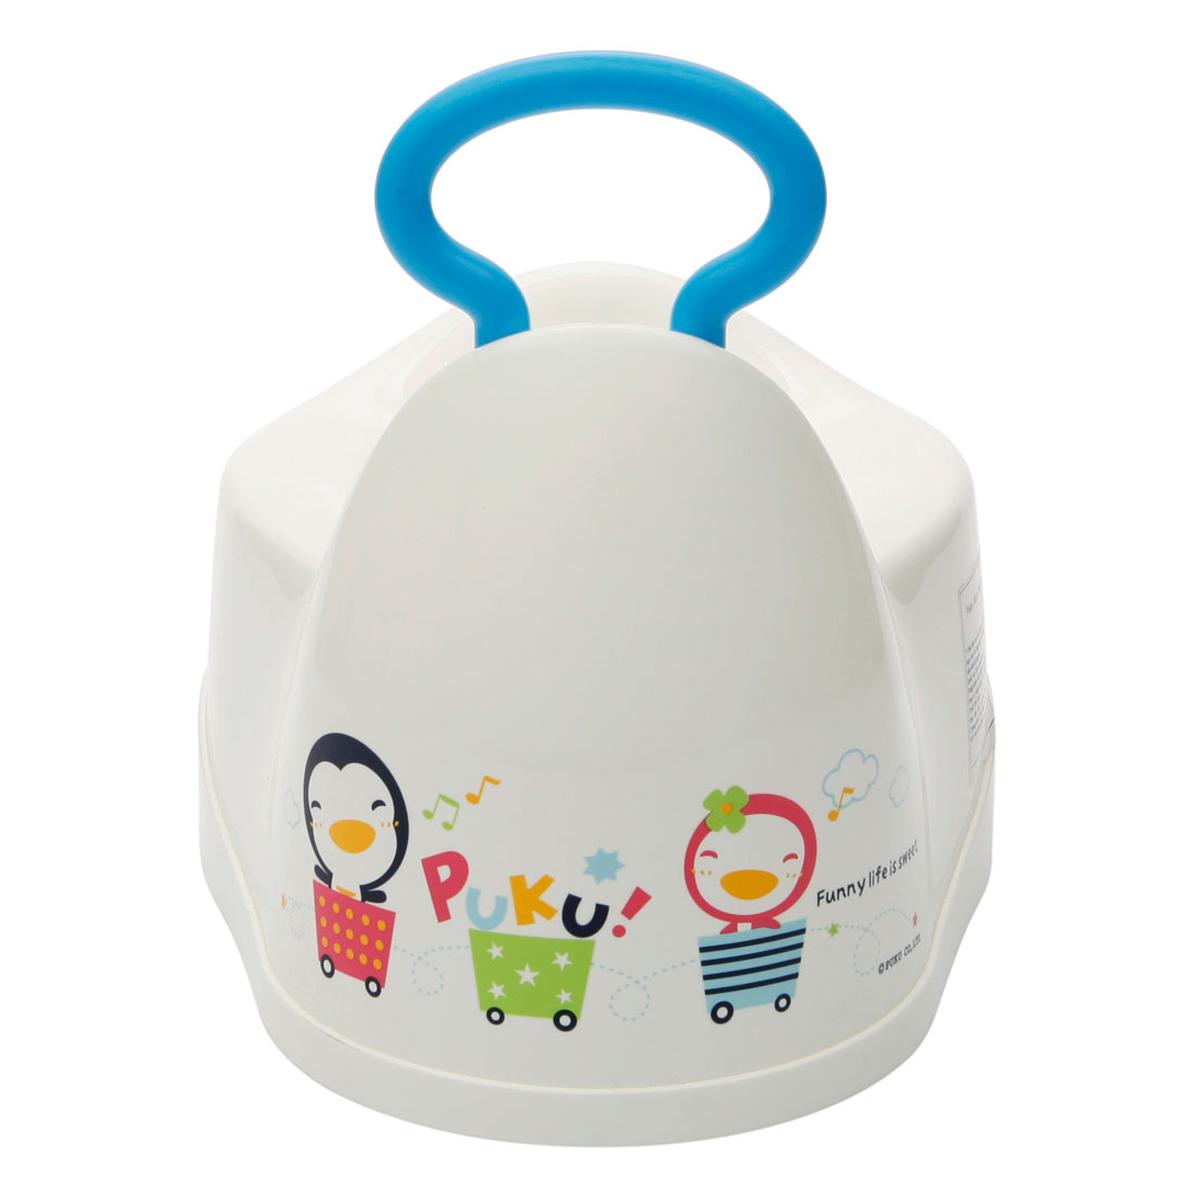 bô vệ sinh Puku - bô vệ sinh tốt nhất cho bé